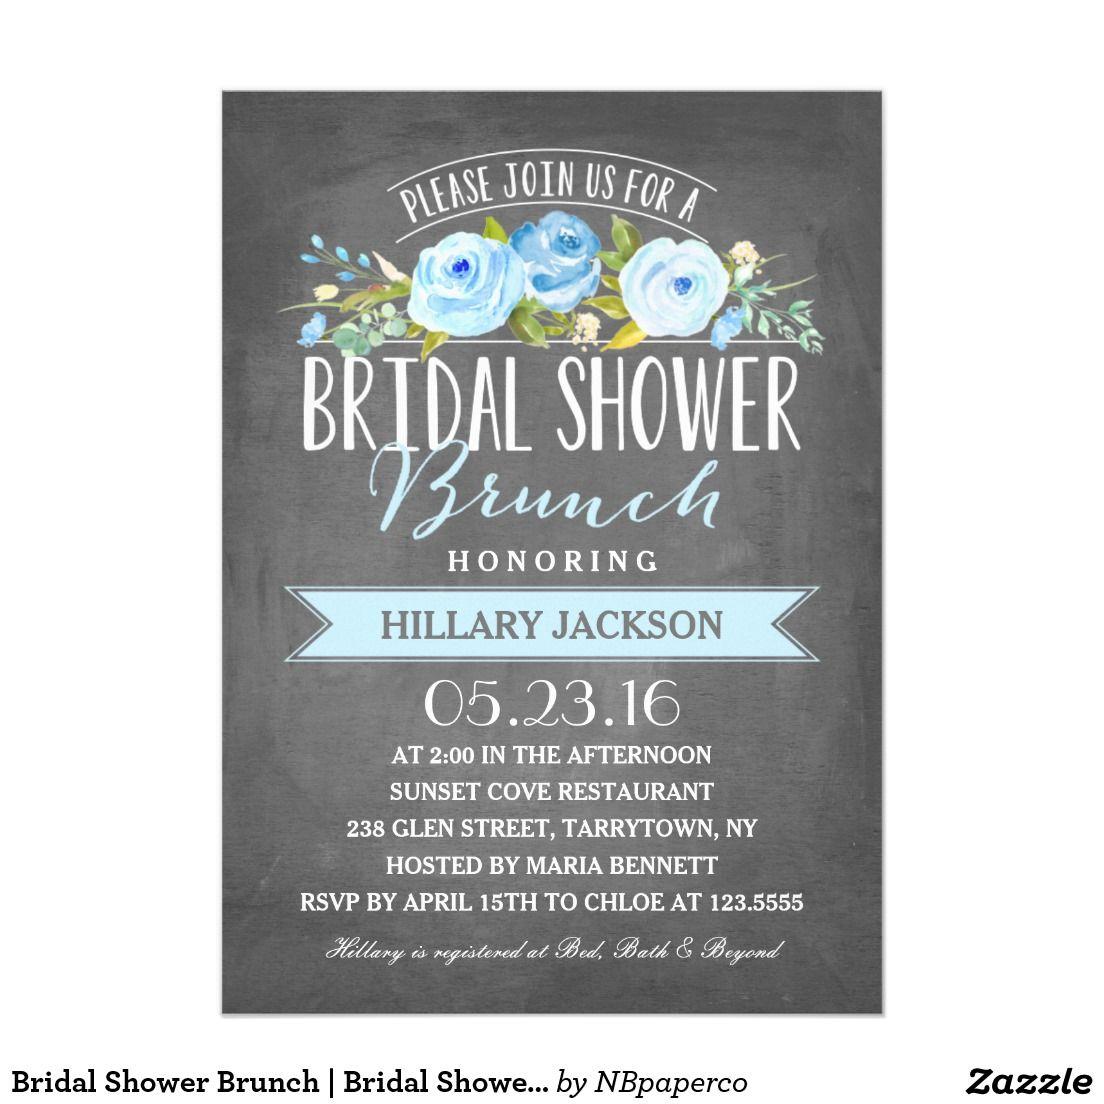 Wedding event background  Bridal Shower Brunch  Bridal Shower Invitation  Shower invitations